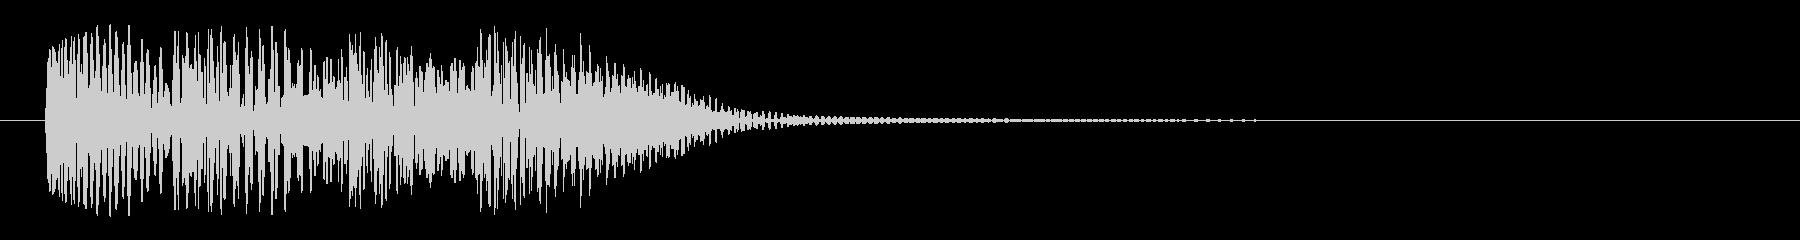 ポップアップ_200701の未再生の波形